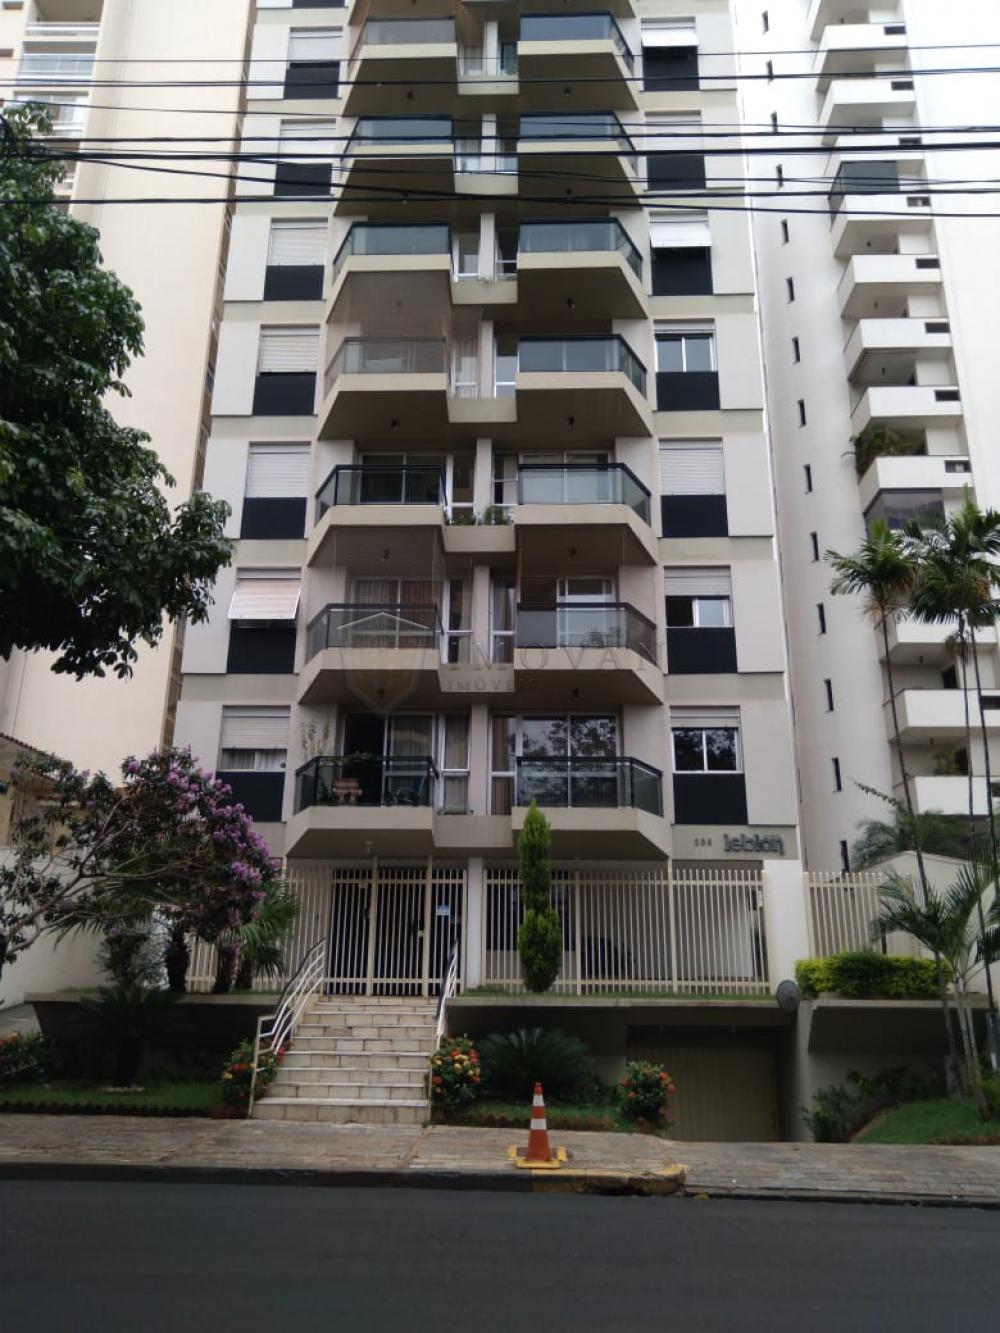 Comprar Apartamento / Padrão em Ribeirão Preto apenas R$ 174.000,00 - Foto 1